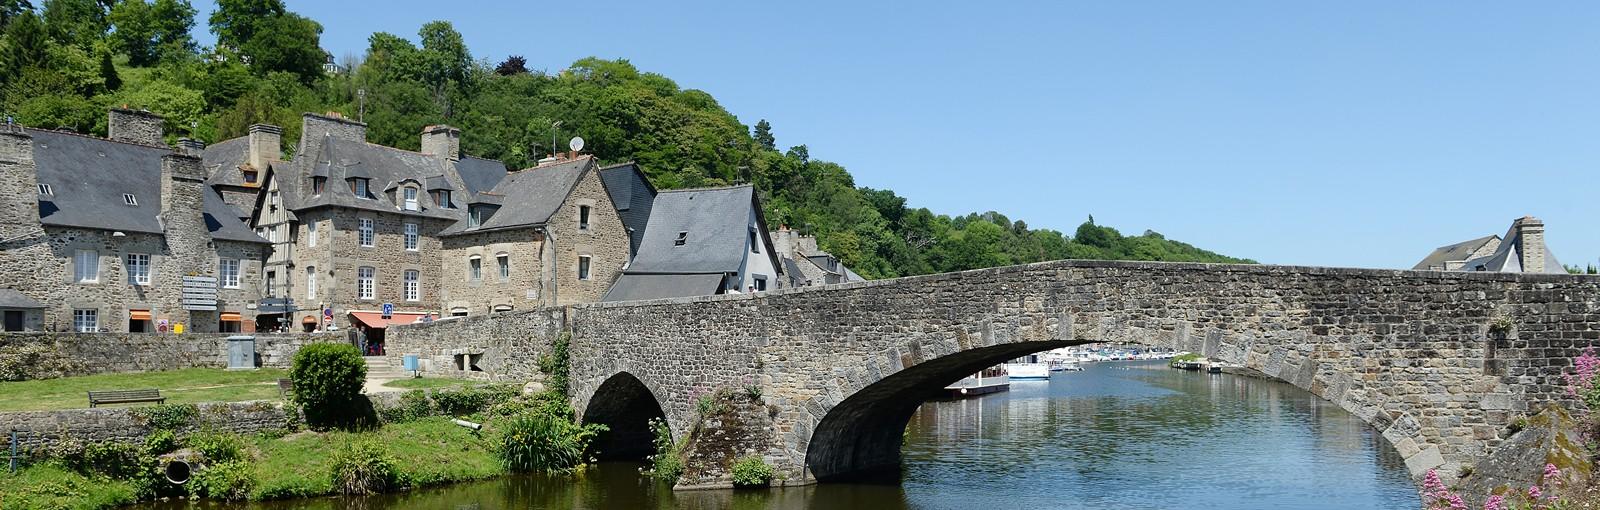 Tours Une semaine en Bretagne - Séjours - Nos Séjours et Circuits Privés - En famille ou groupes d'amis